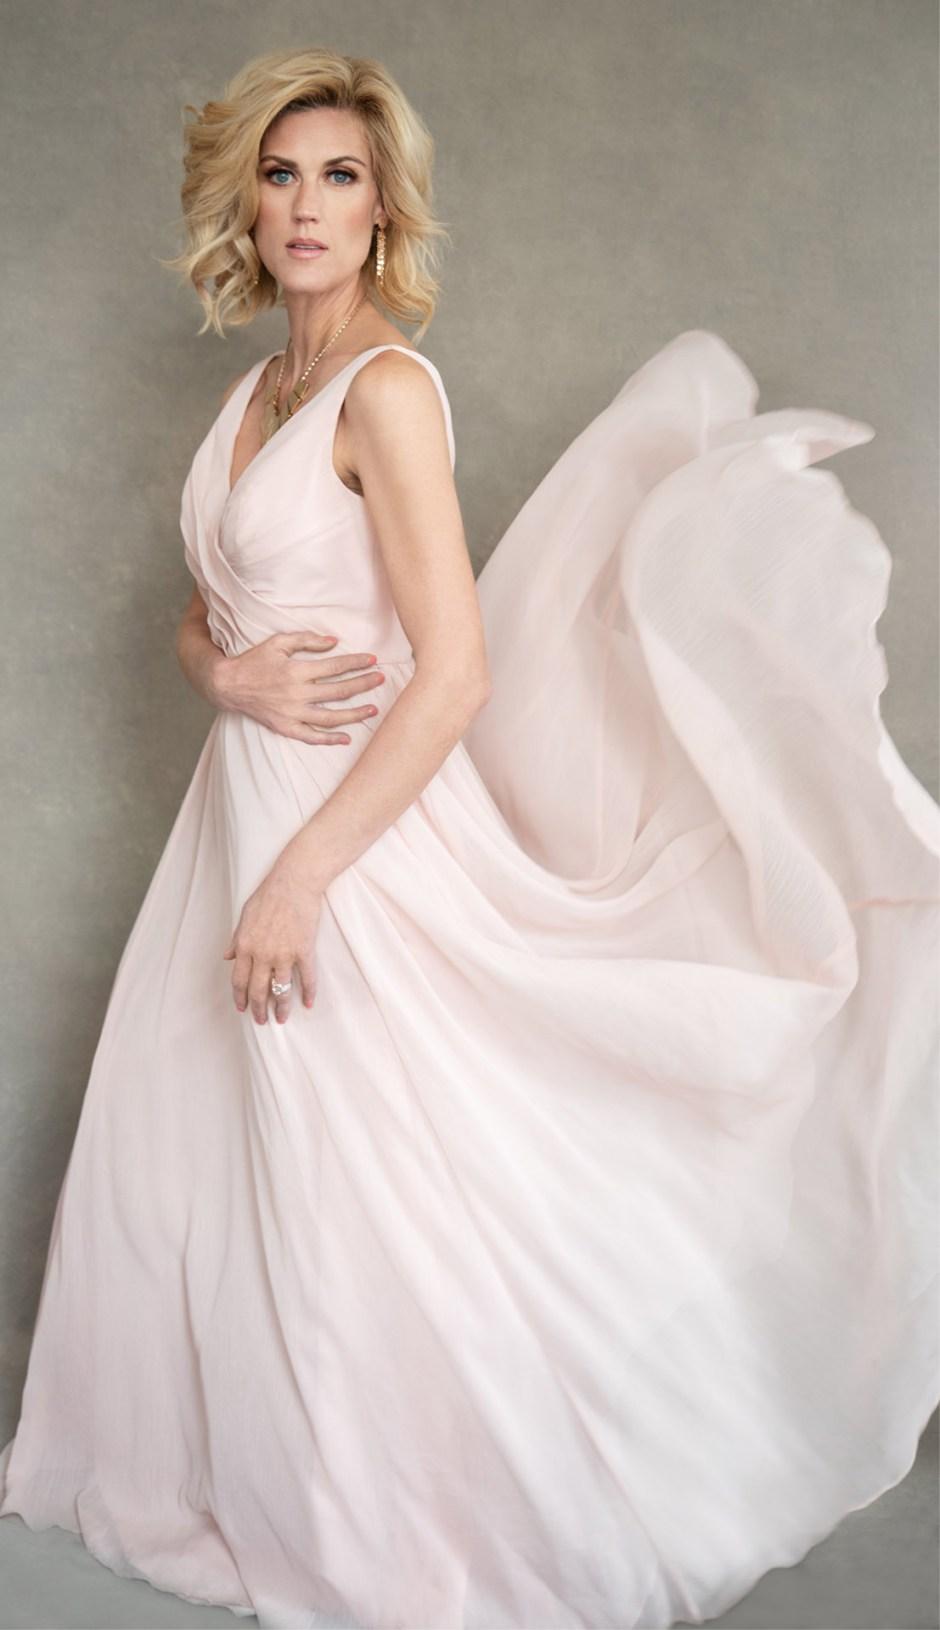 Women's Portrait in Pink Dress